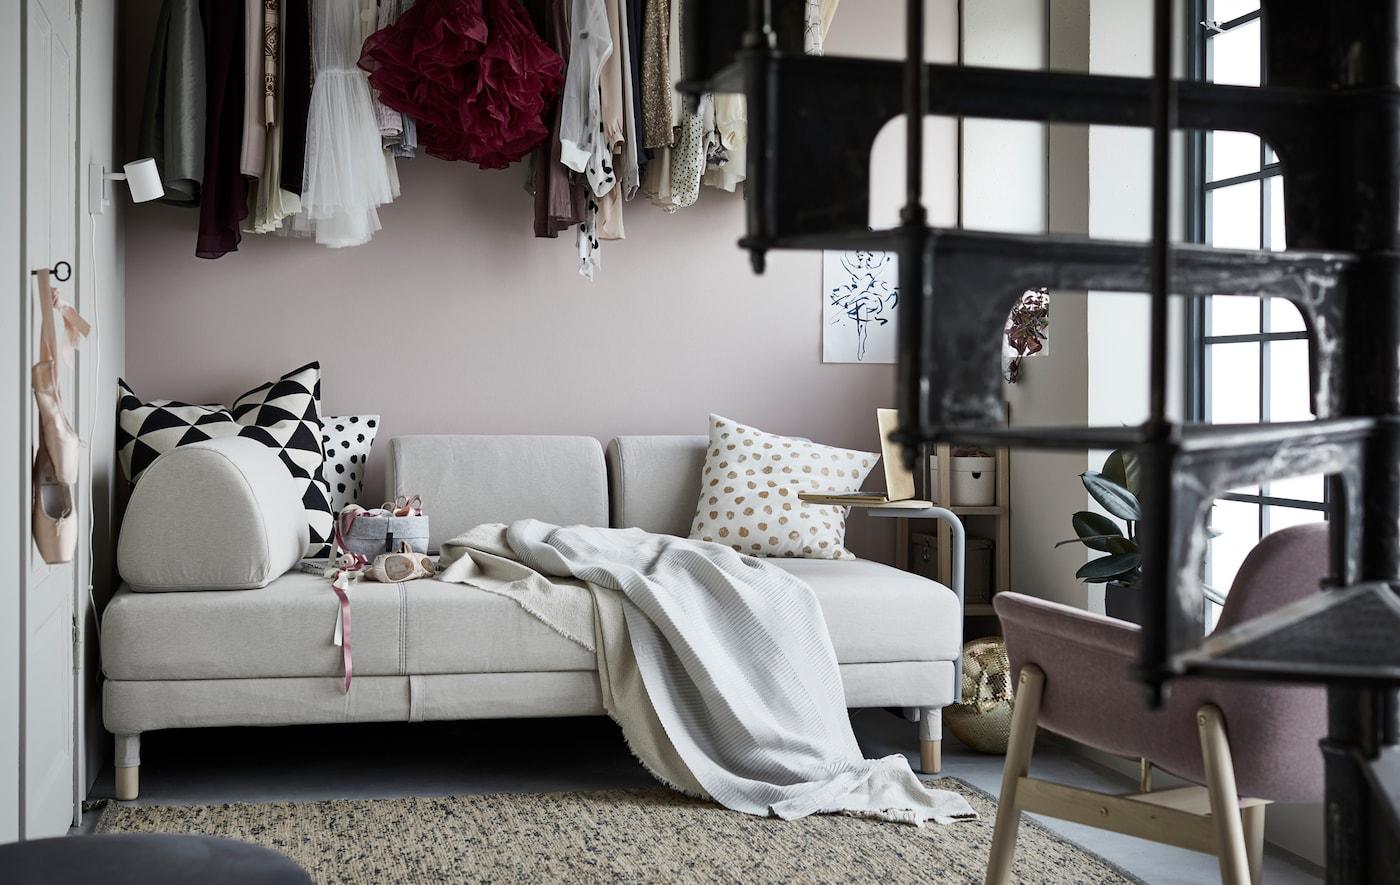 Con il divano letto FLOTTEBO di IKEA, la zona living diventa una piattaforma per tutte le tue attività preferite.